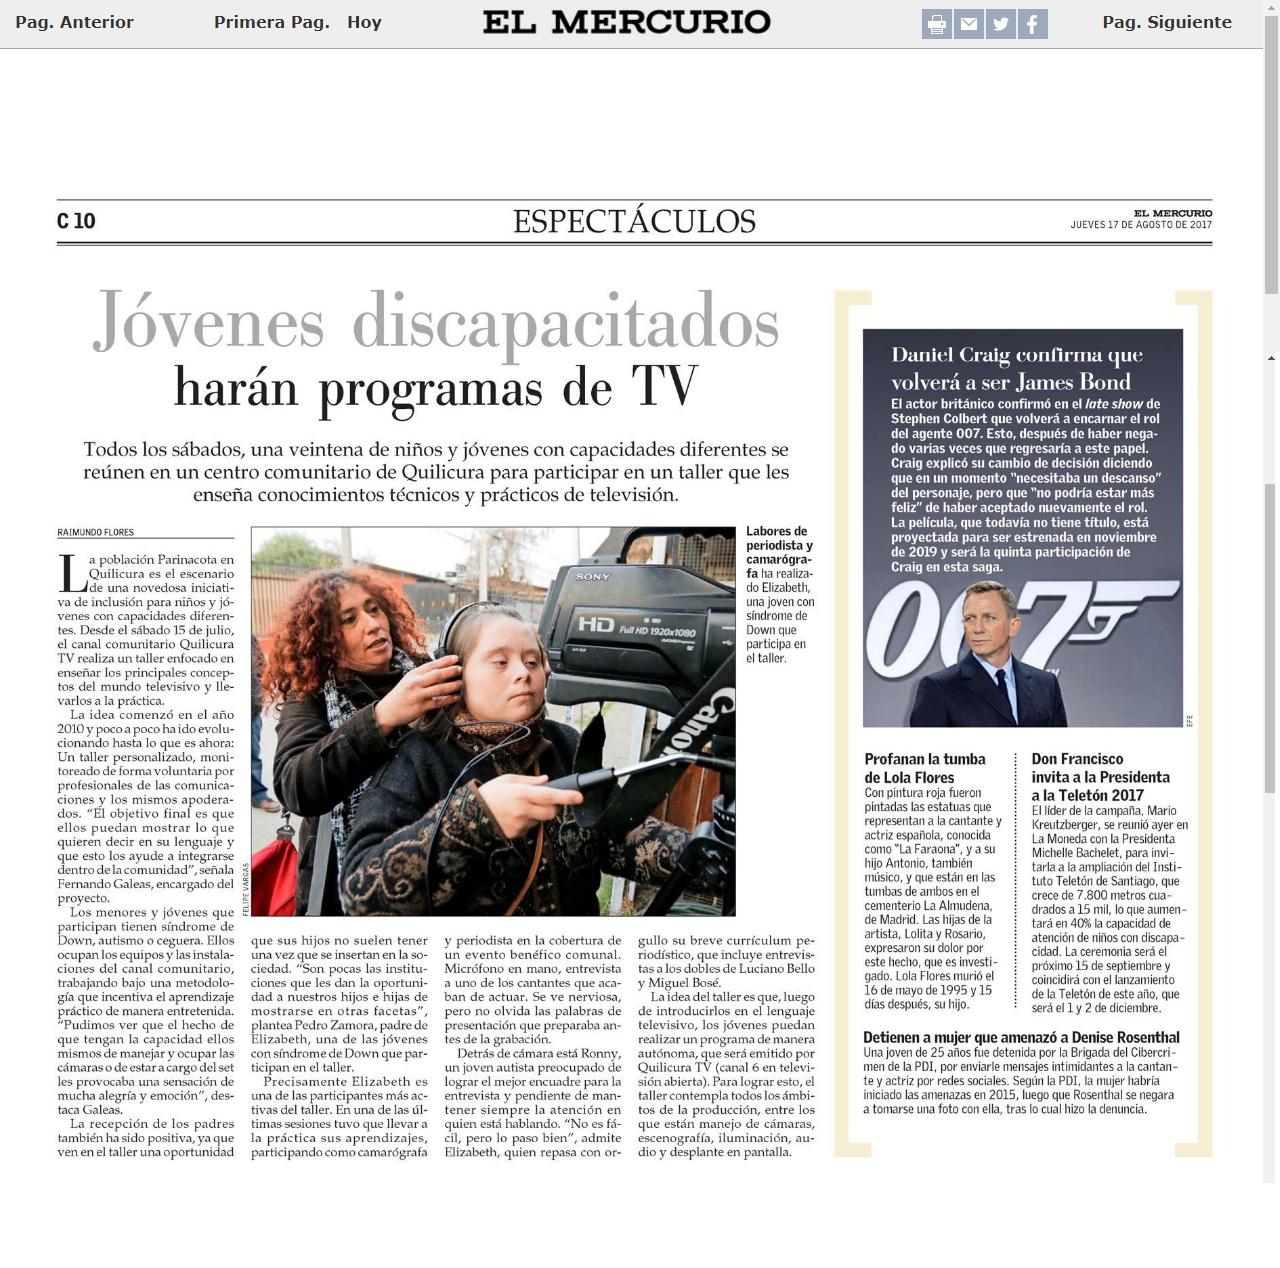 EL MERCURIO Publicó una nota de los talleres de TV para personas con discapacidad de Quilicura TV